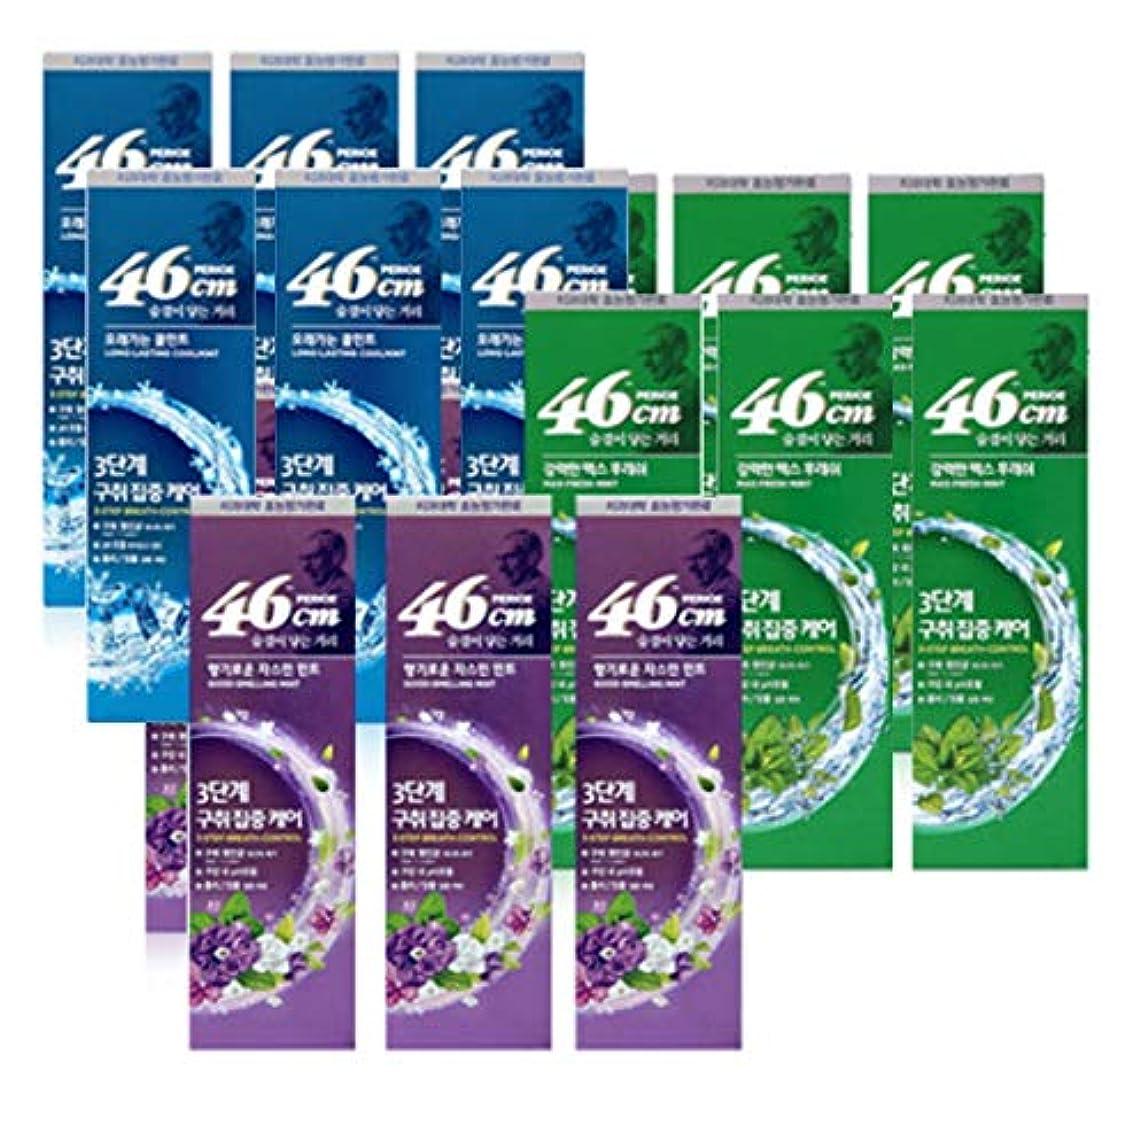 ベイビーながらファンネルウェブスパイダー[LG HnB] Perio 46cm toothpaste / ペリオ46cm歯磨き粉 100gx18個(海外直送品)